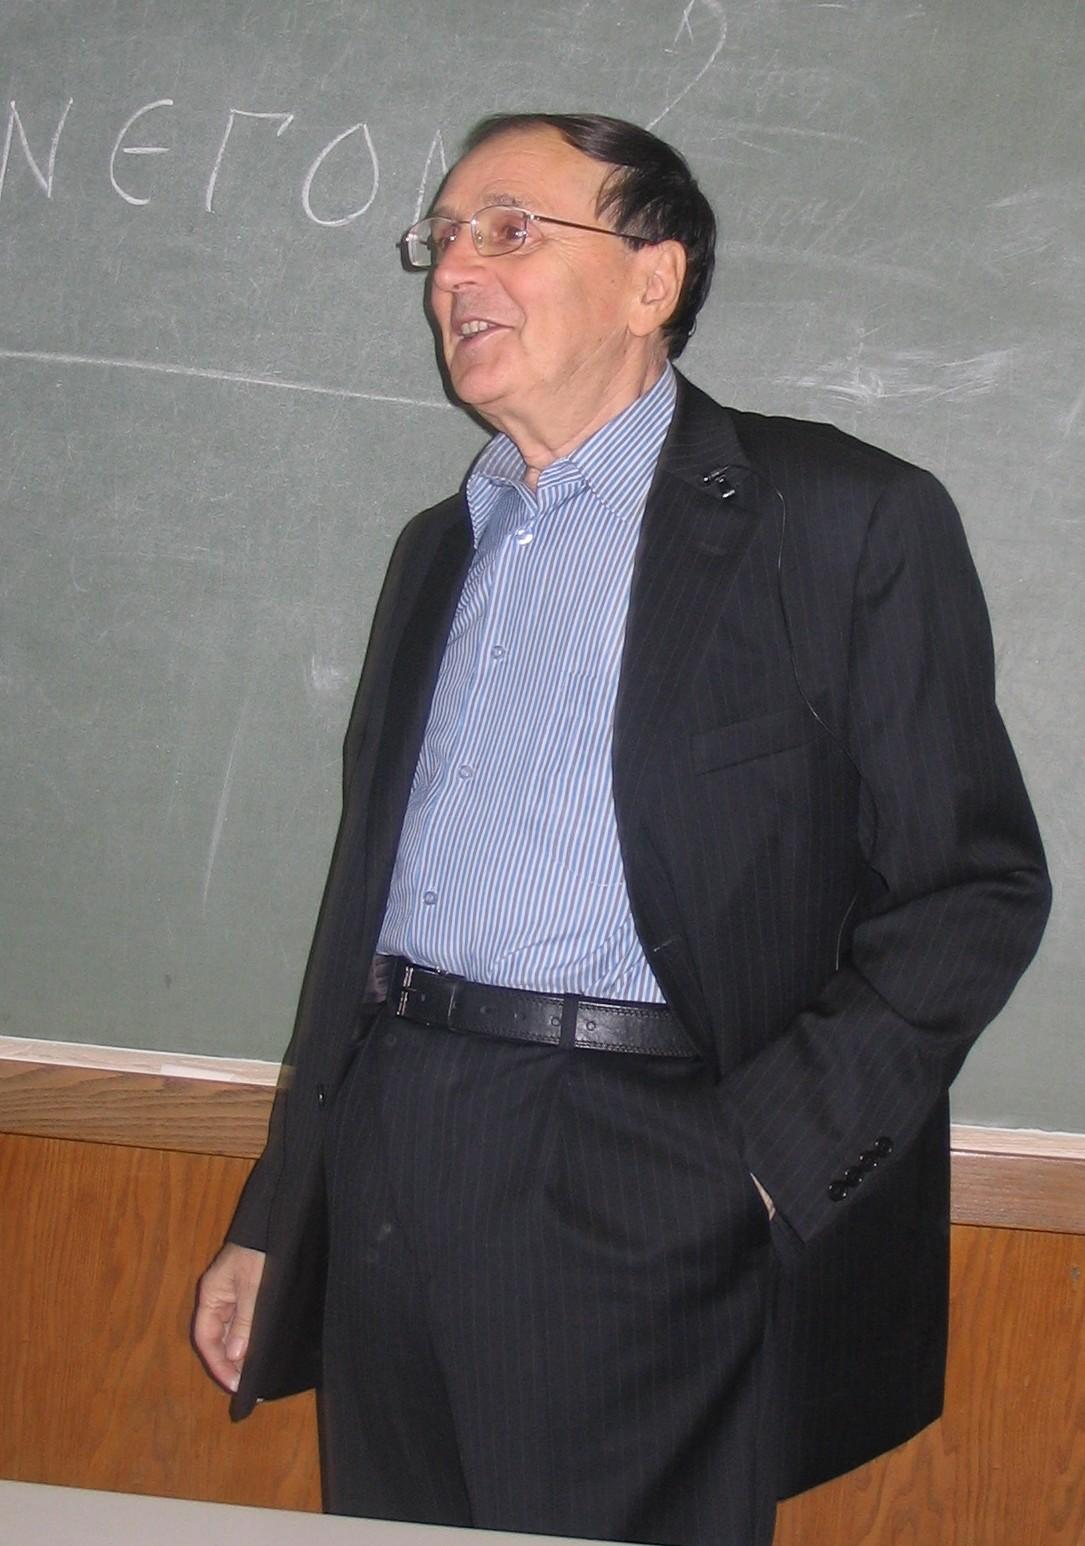 Зализняк, Андрей Анатольевич — Википедия